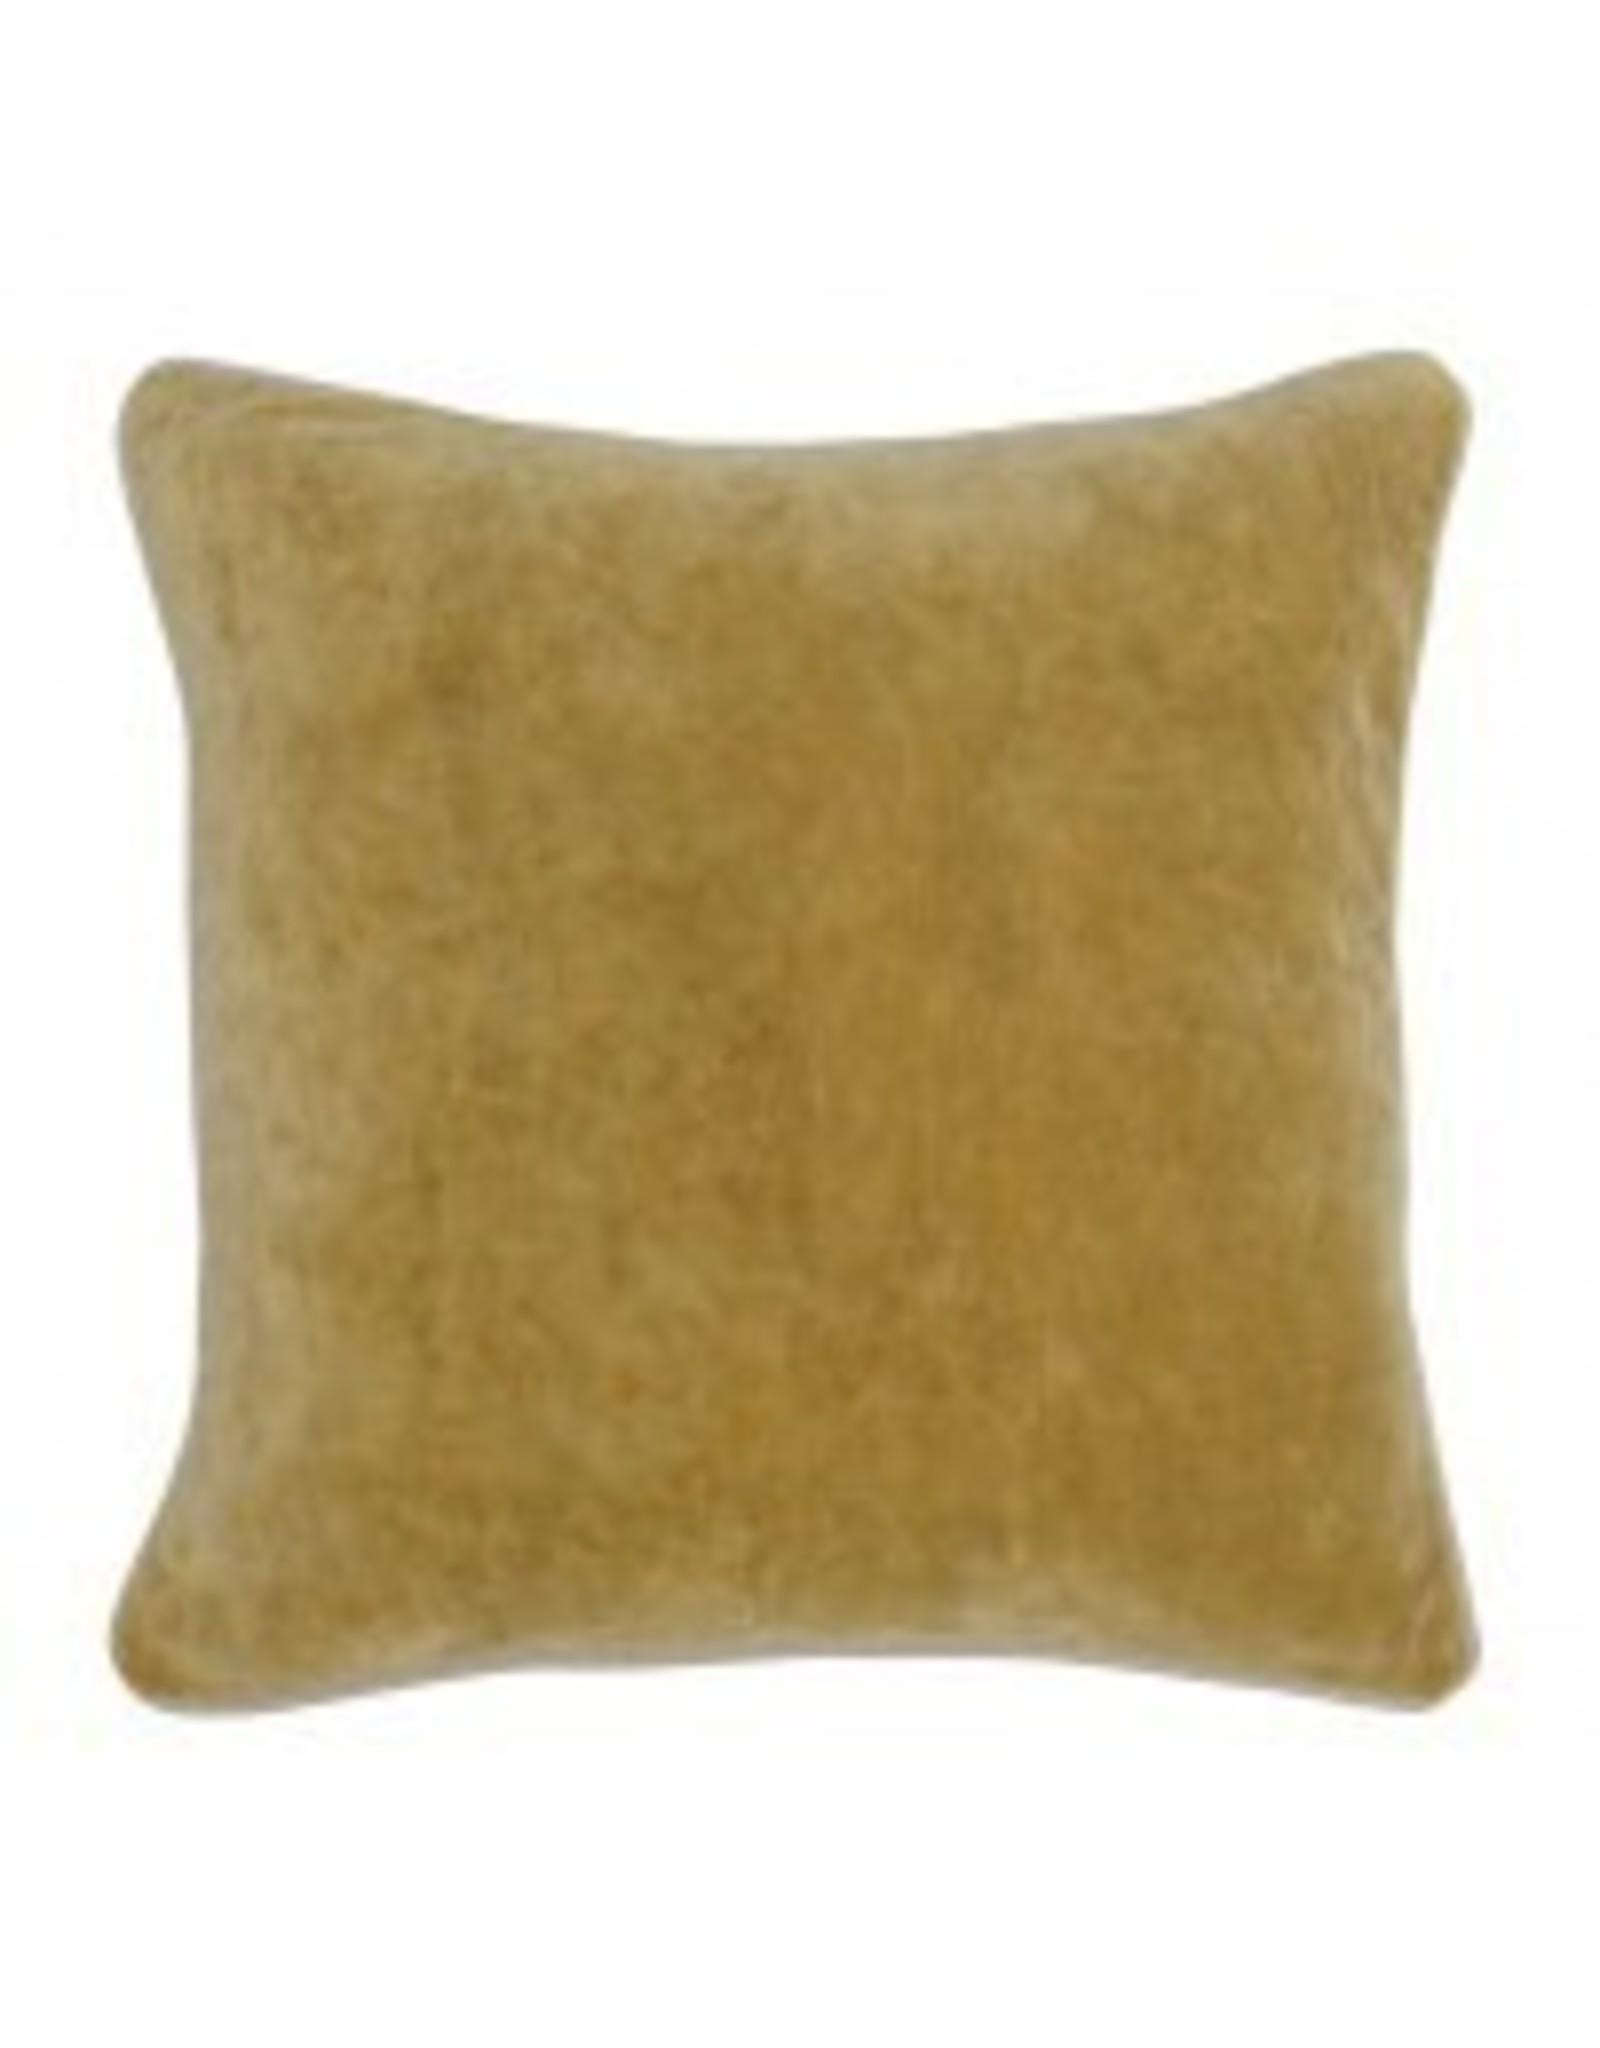 Heirloom Velvet Harvest Gold Pillow